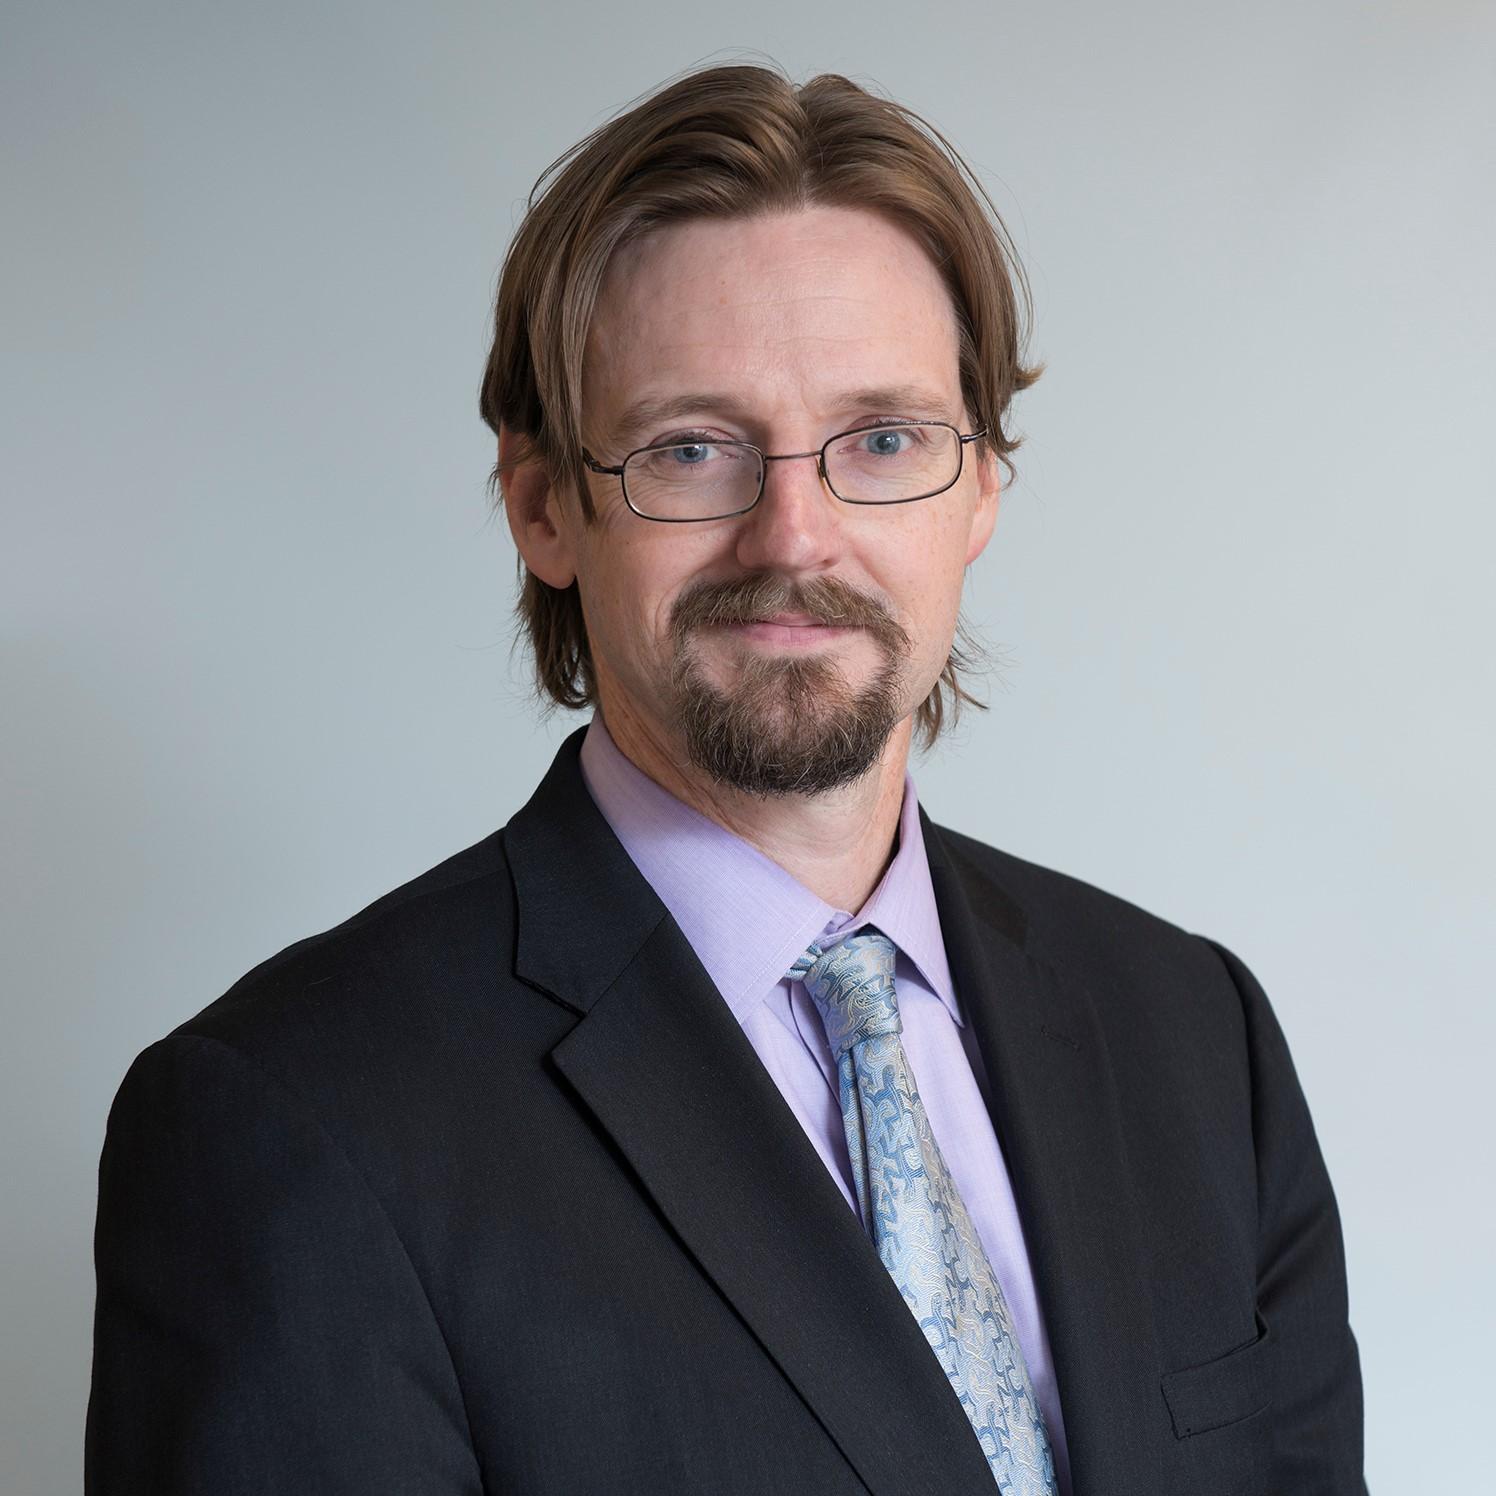 Ryan Sullivan, MD